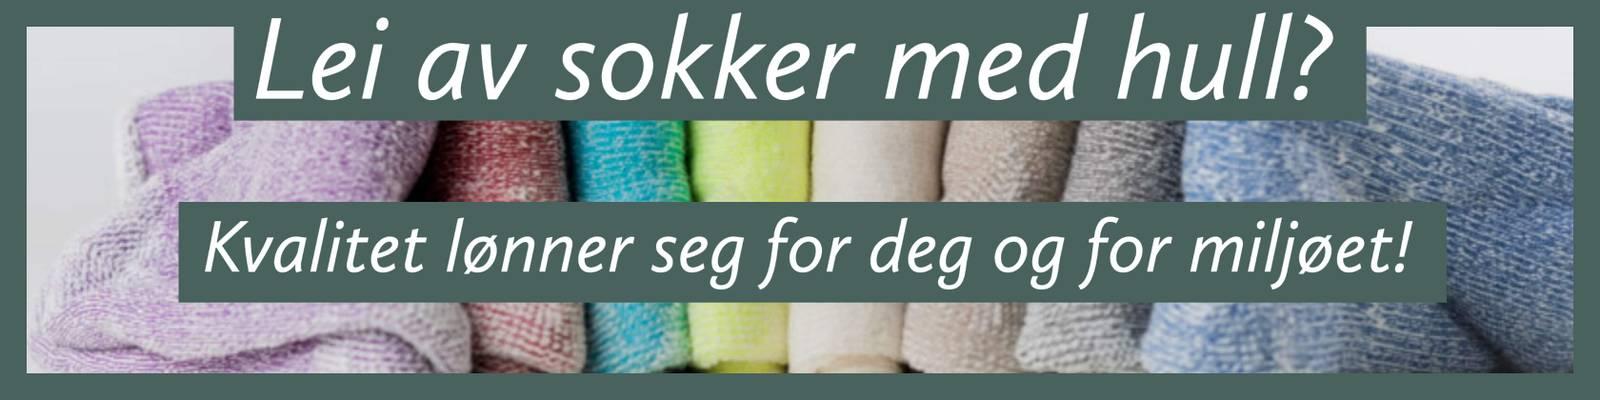 ullsokker bomullsokker kvalitets-sokker merinoull sokker slitesterke bærekraftig sokker som ikke strammer